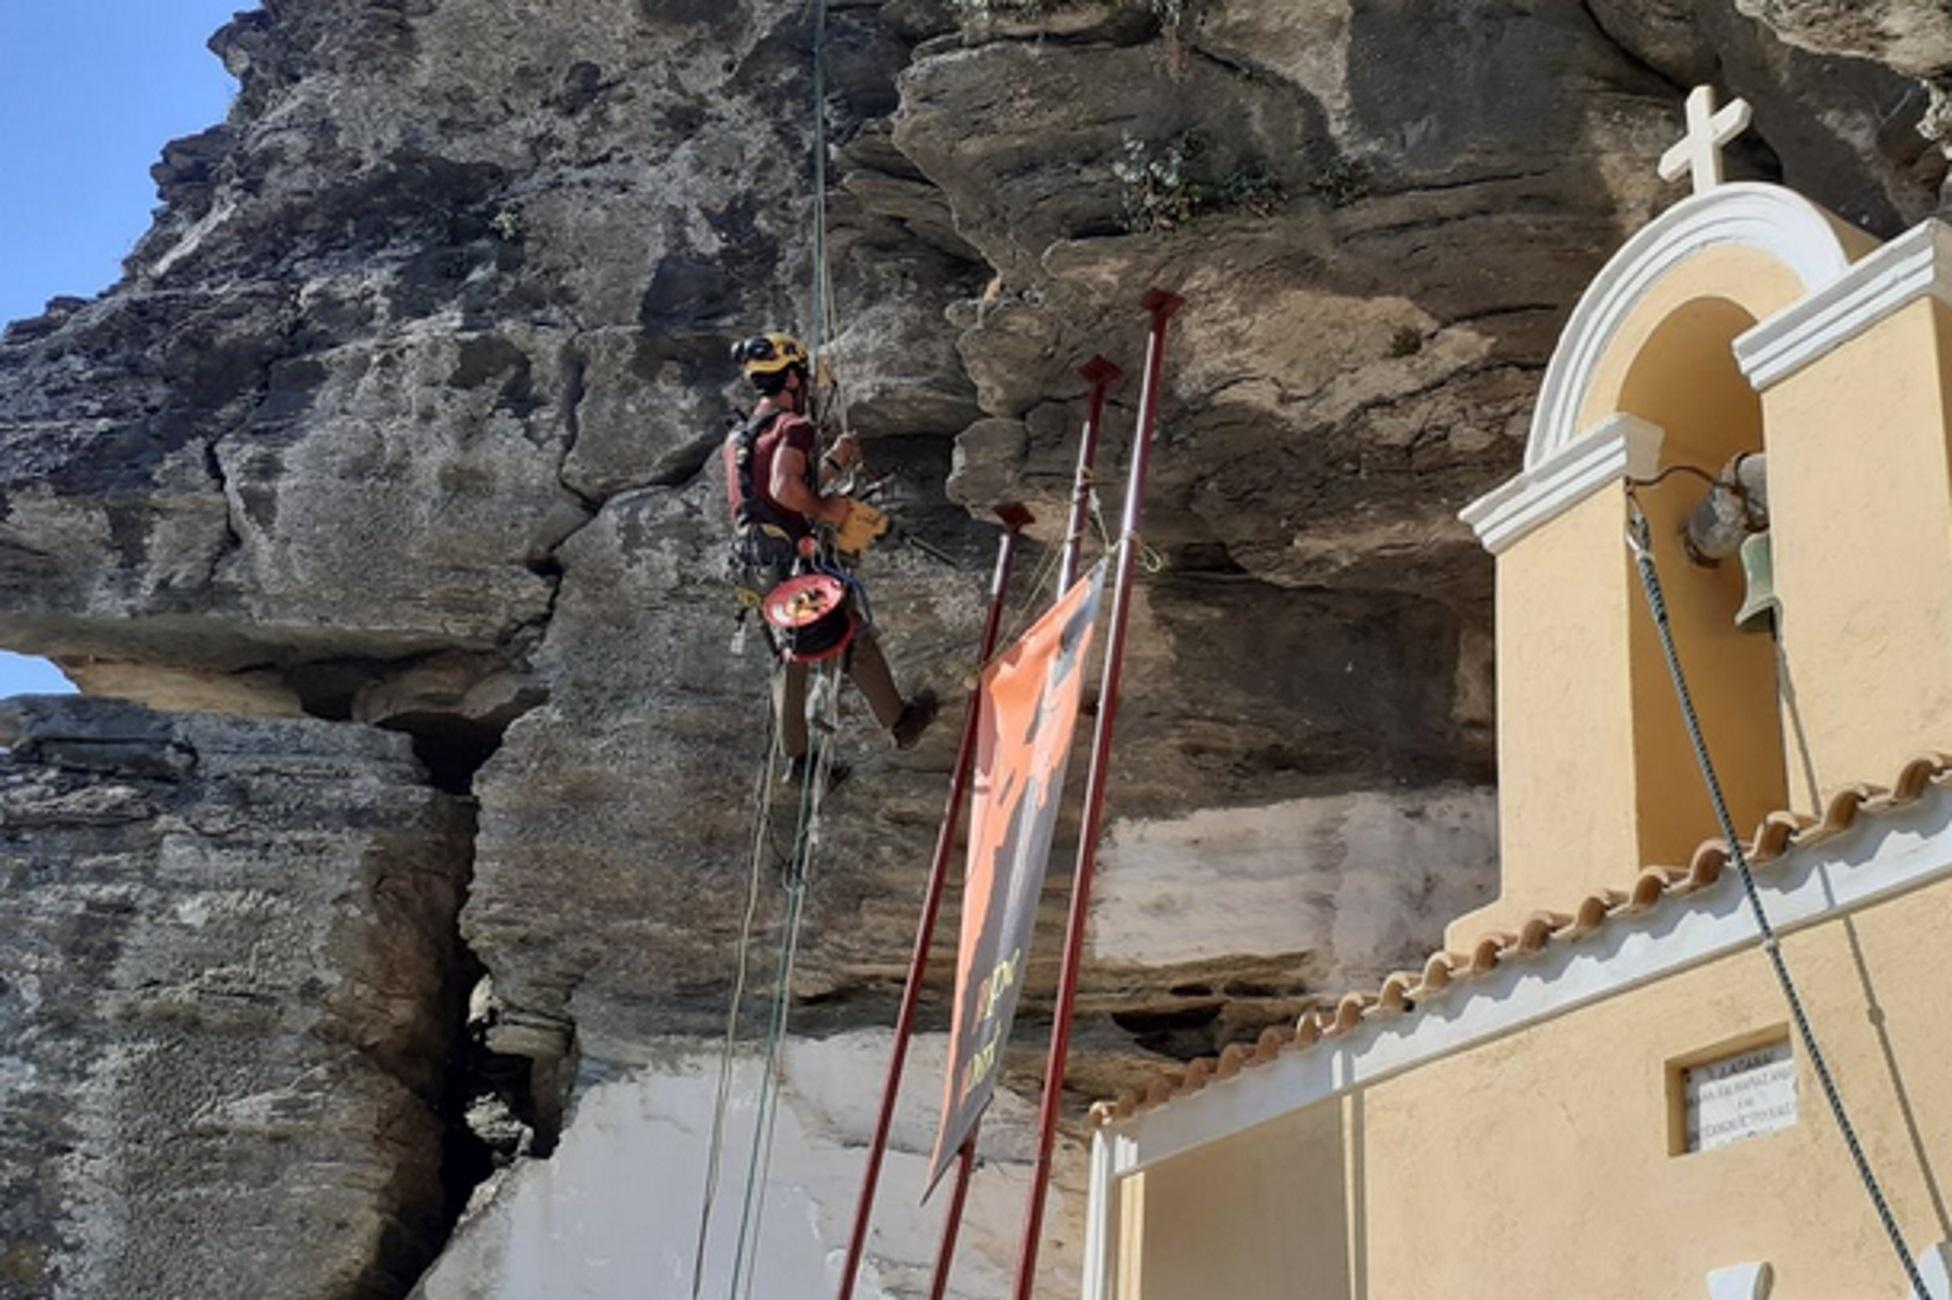 Τζια: Ένας βράχος 60 τόνων πάνω από τα κεφάλια κατοίκων του χωριού – Η λύση που καθυστέρησε